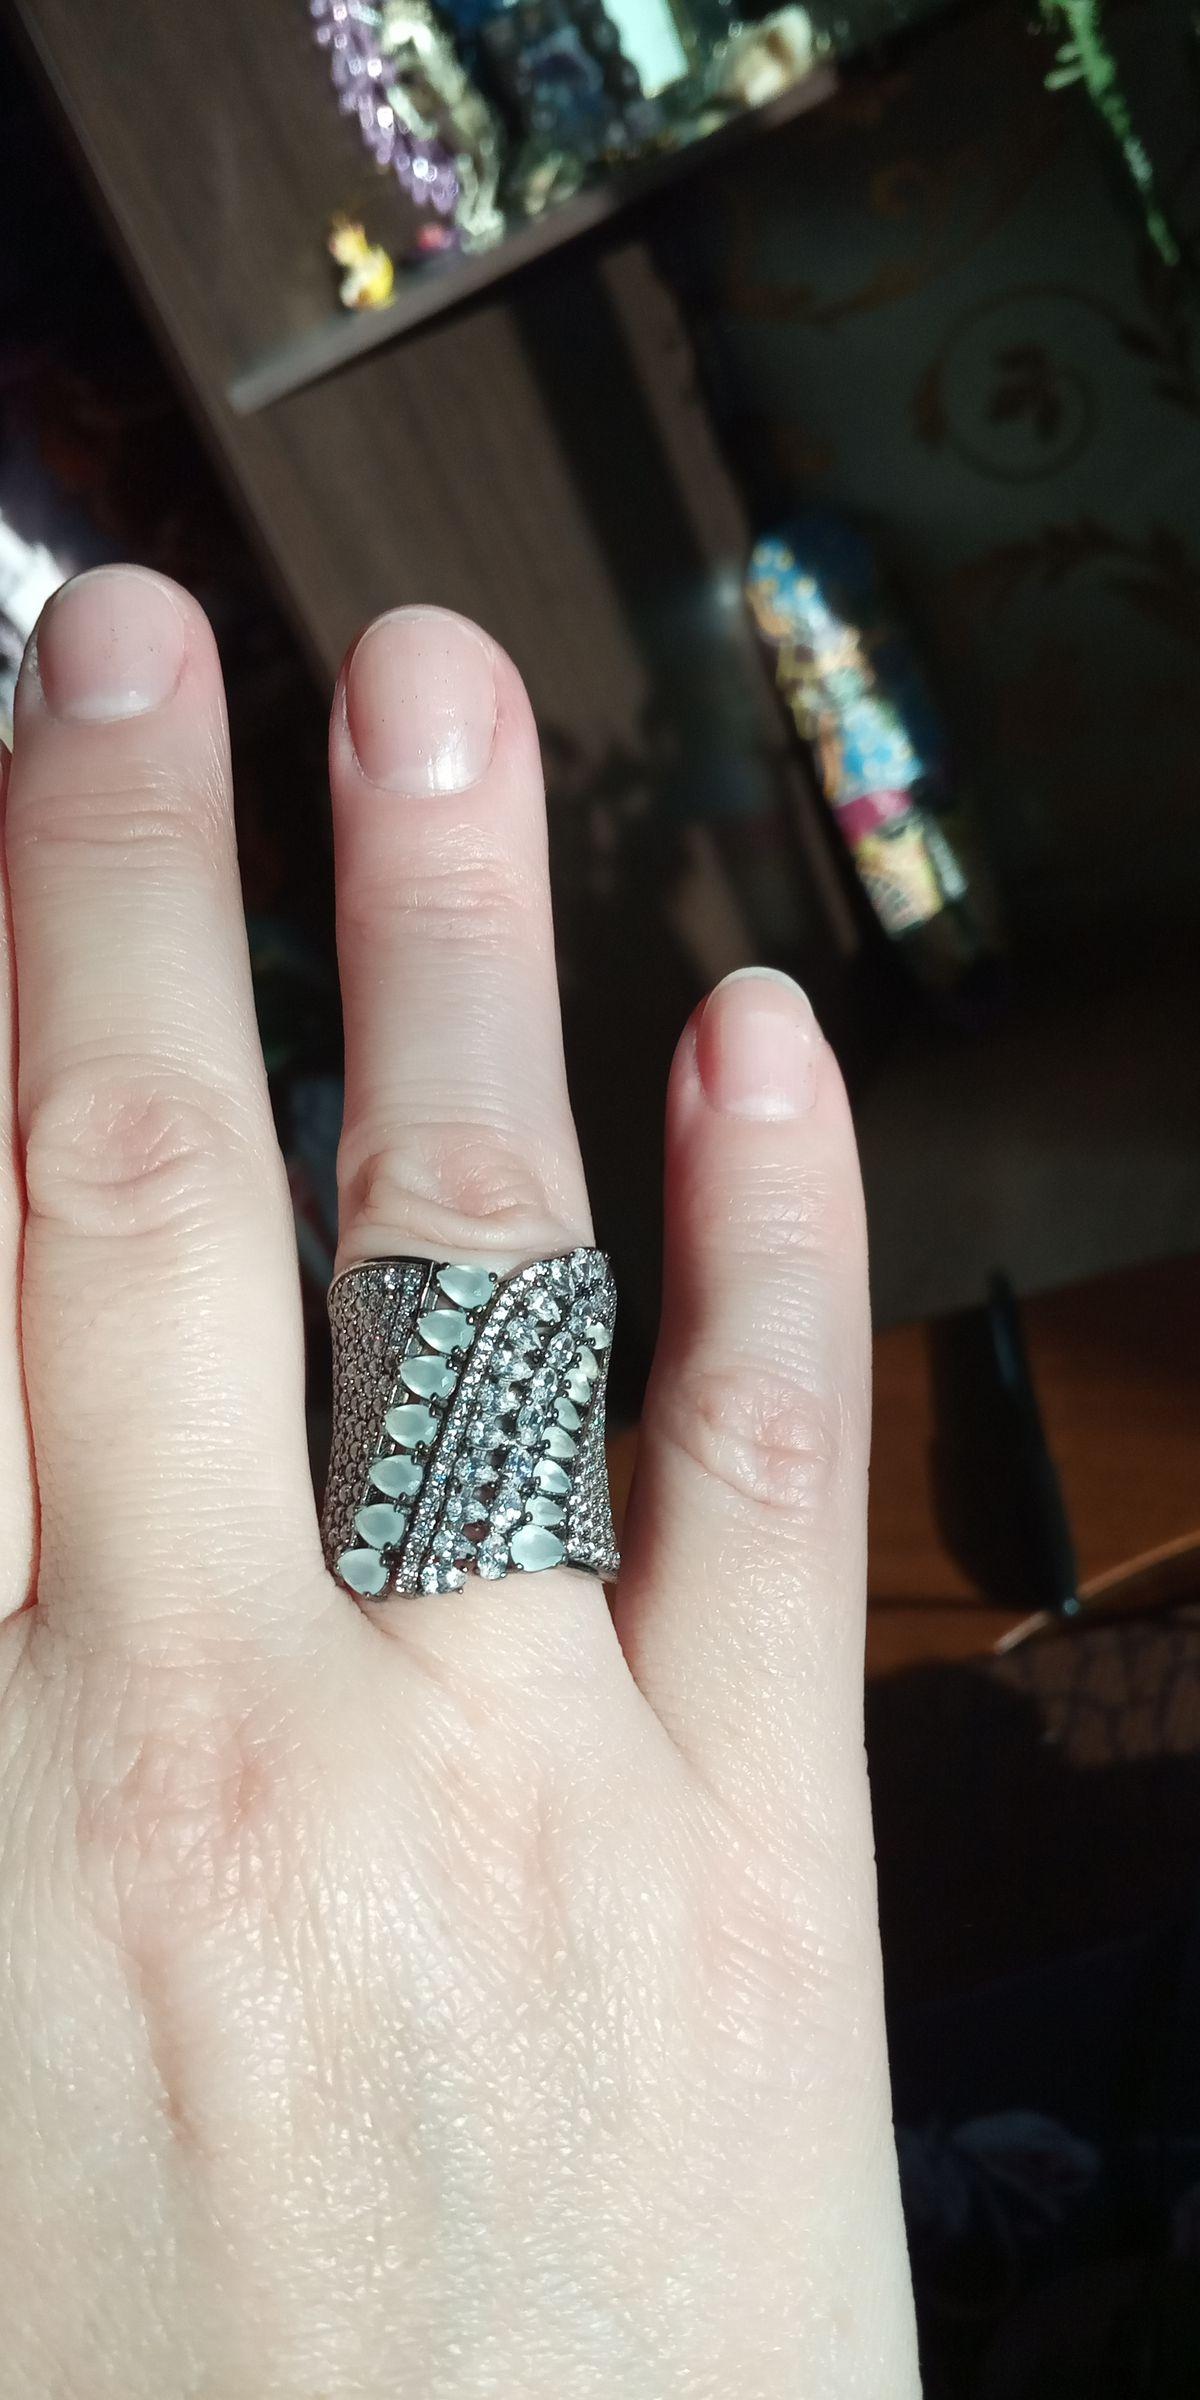 Серебряное кольцо с алпанитом и фианитами.